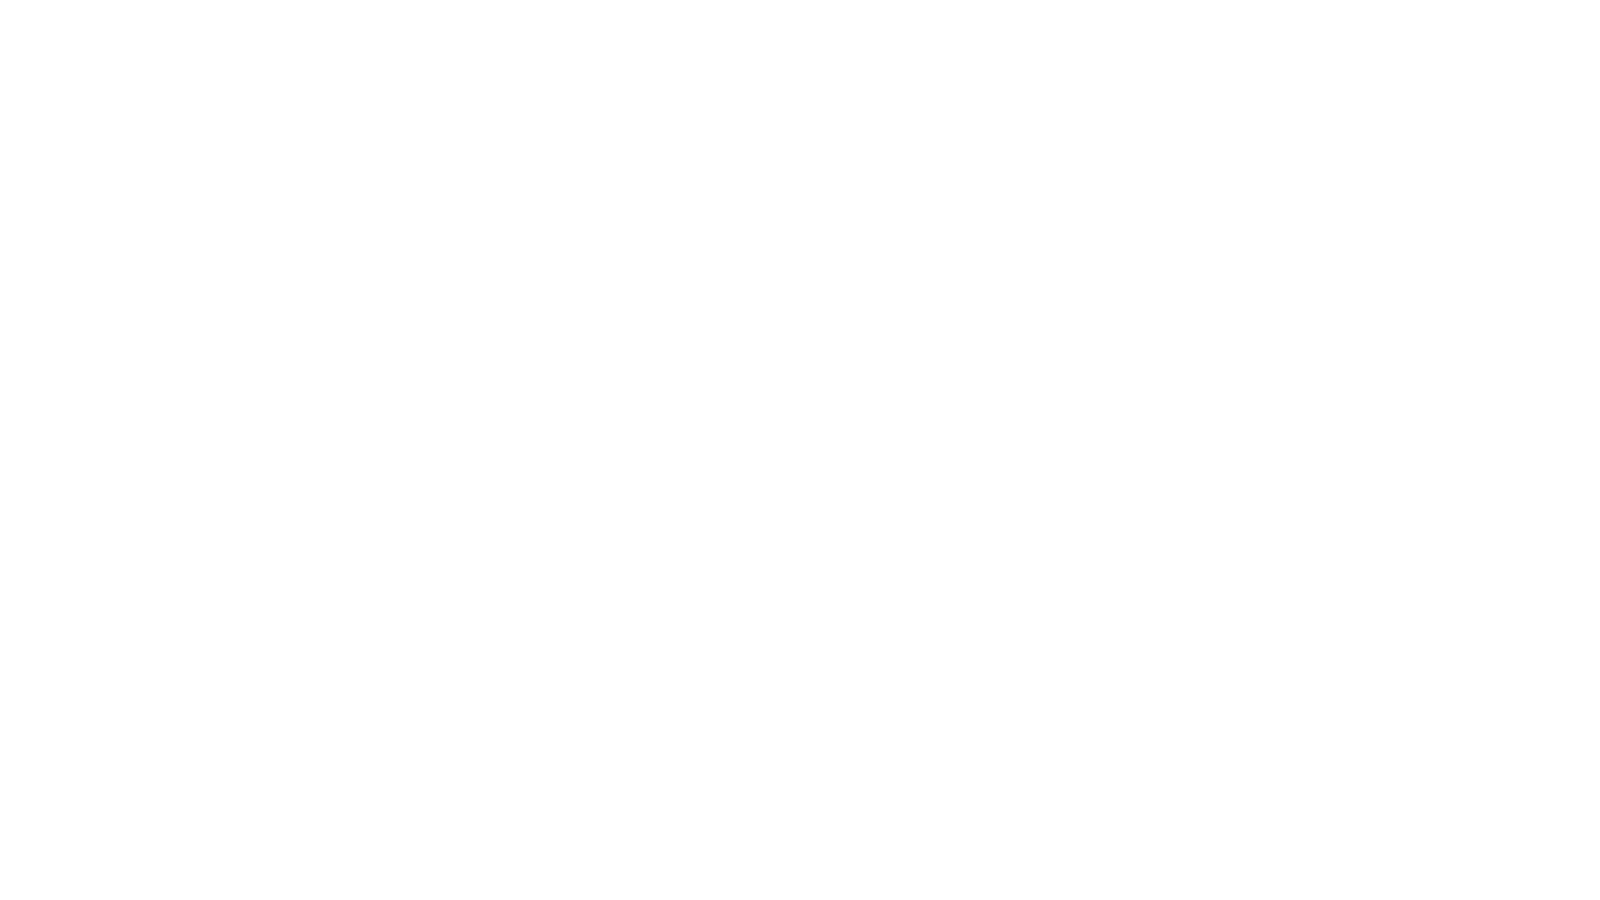 В международном аэропорту «Одесса» пограничники блокировали попытку незаконного ввоза в Украину ювелирных изделий общей стоимостью более 7000 долларов США. Об этом сообщает пресс-служба Южного регионального управления Государственной пограничной службы Украины.   Украшения пытался провезти мужчина с украинским гражданством, прибывший на рейсе из Дубая. Для прохождения контроля он выбрал зеленый коридор и умышленно хотел избежать таможенных платежей за перевозку ценного товара.  Во время проверки багажа пограничники и таможенники обнаружили в них кольца, серьги, браслеты, подвески, изготовленные из серебра 925 пробы со вставками из камней различных видов и размеров. Общий вес украшений превысил 10 кг, а это около 90 комплектов ювелирных изделий. Кроме того, гражданин сообщил, что все драгоценности он приобрел в Индии за мизерную цену.  Мероприятия по разоблачению правонарушения проводили оперативники Одесского пограничного отряда совместно с таможней и сотрудниками СБУ.  Сейчас украшения изъяли. Ориентировочная стоимость товара по ценам онлайн-магазинов превышает 7 тыс. долларов США. Продолжаются следственные действия.  izmnews.info